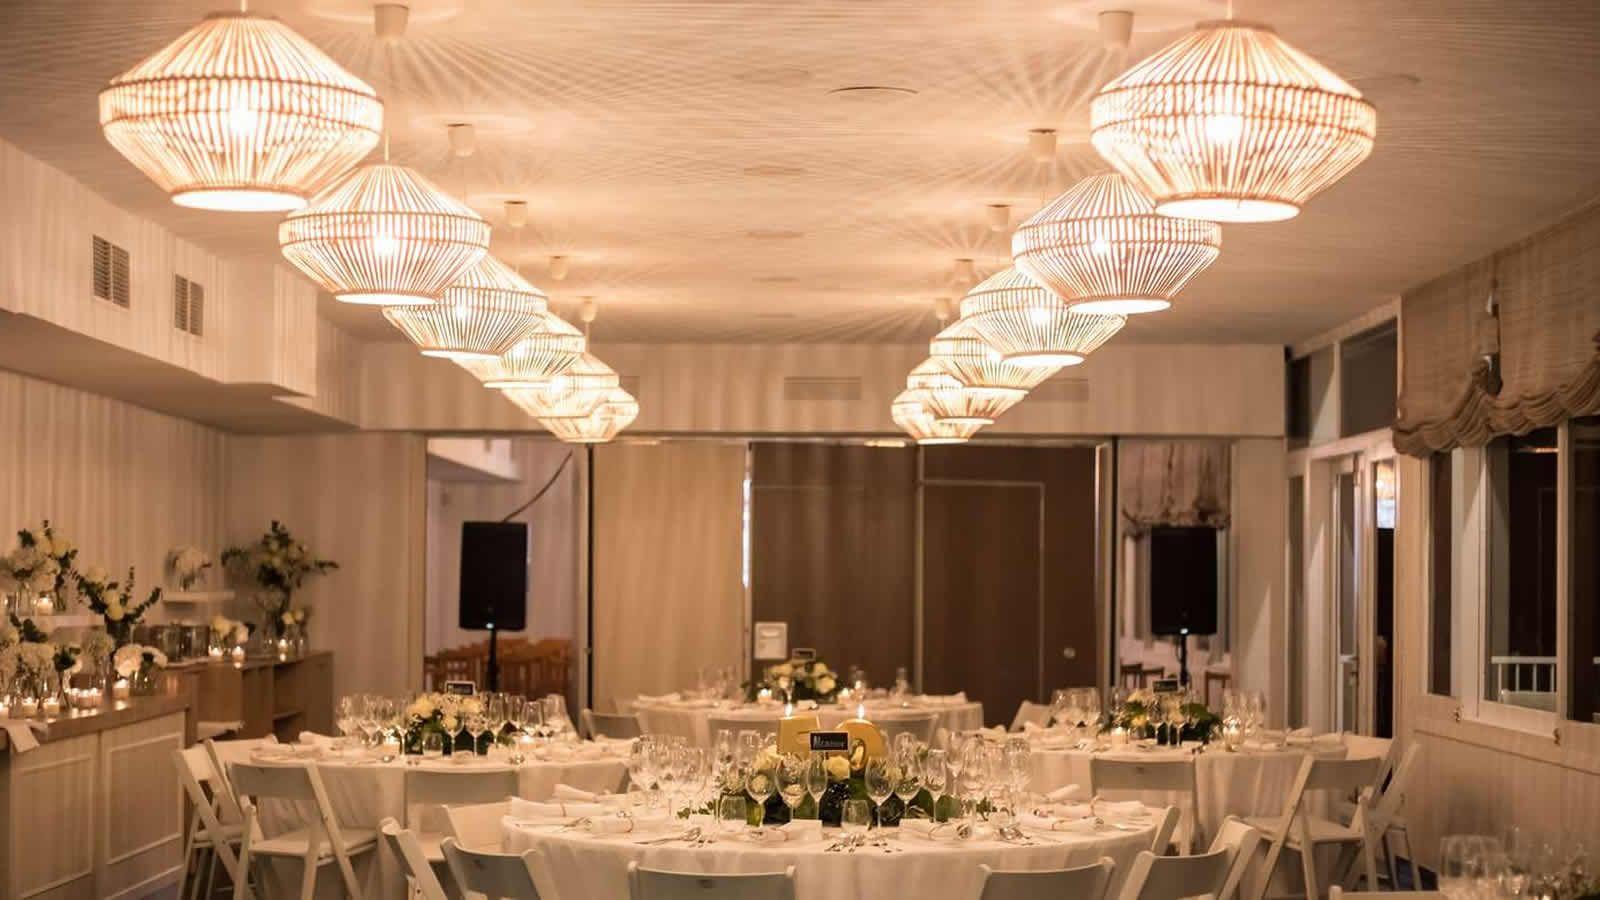 Celebracions bodes, bateig i aniversaris. Hotel Sant Carles de la Ràpita, Alcanar, delta de l'Ebre